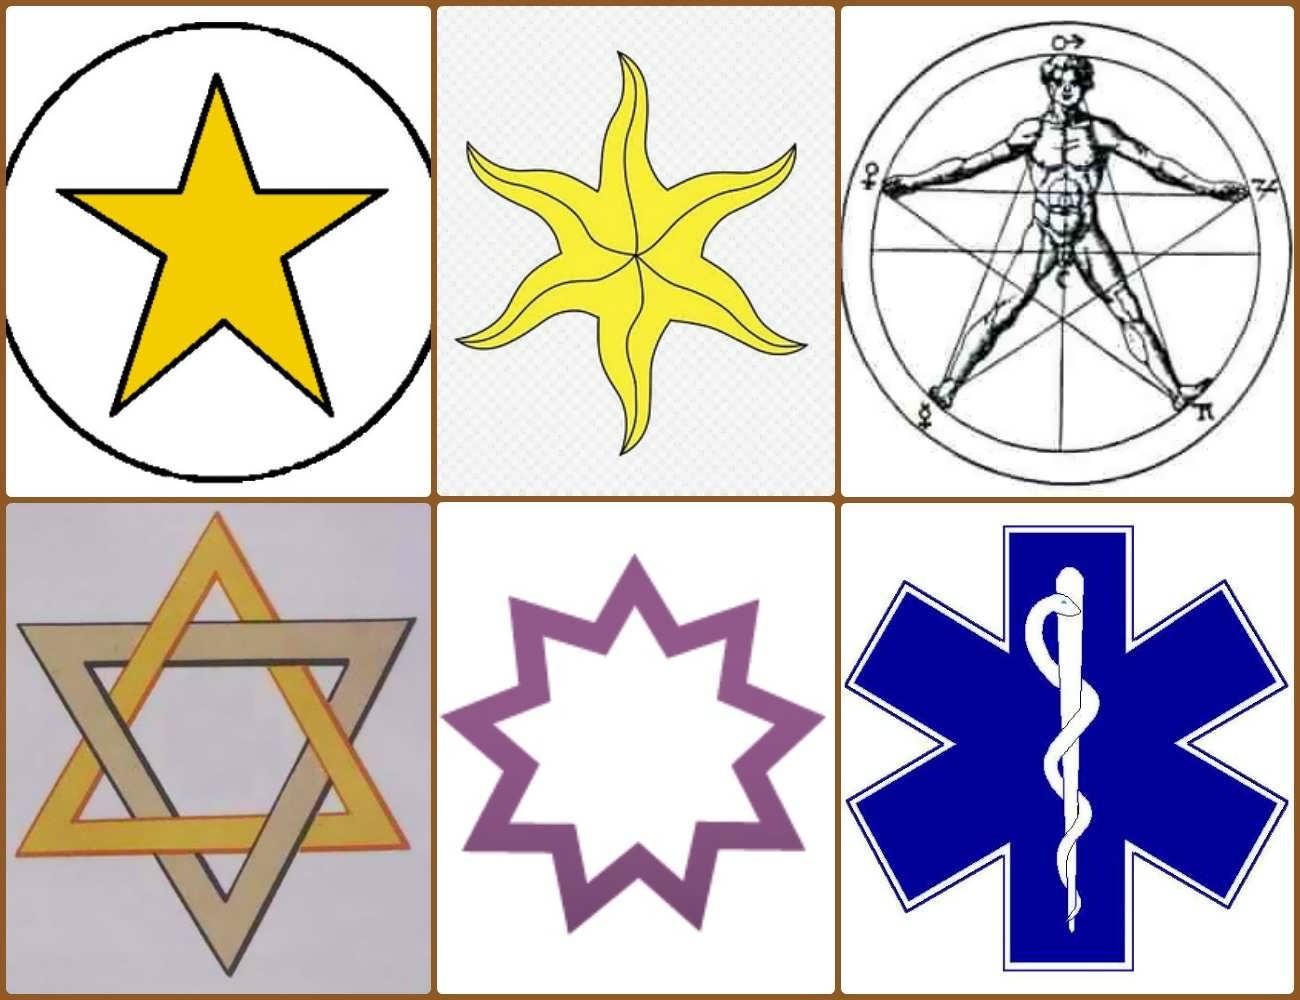 simbolos-de-estrellas